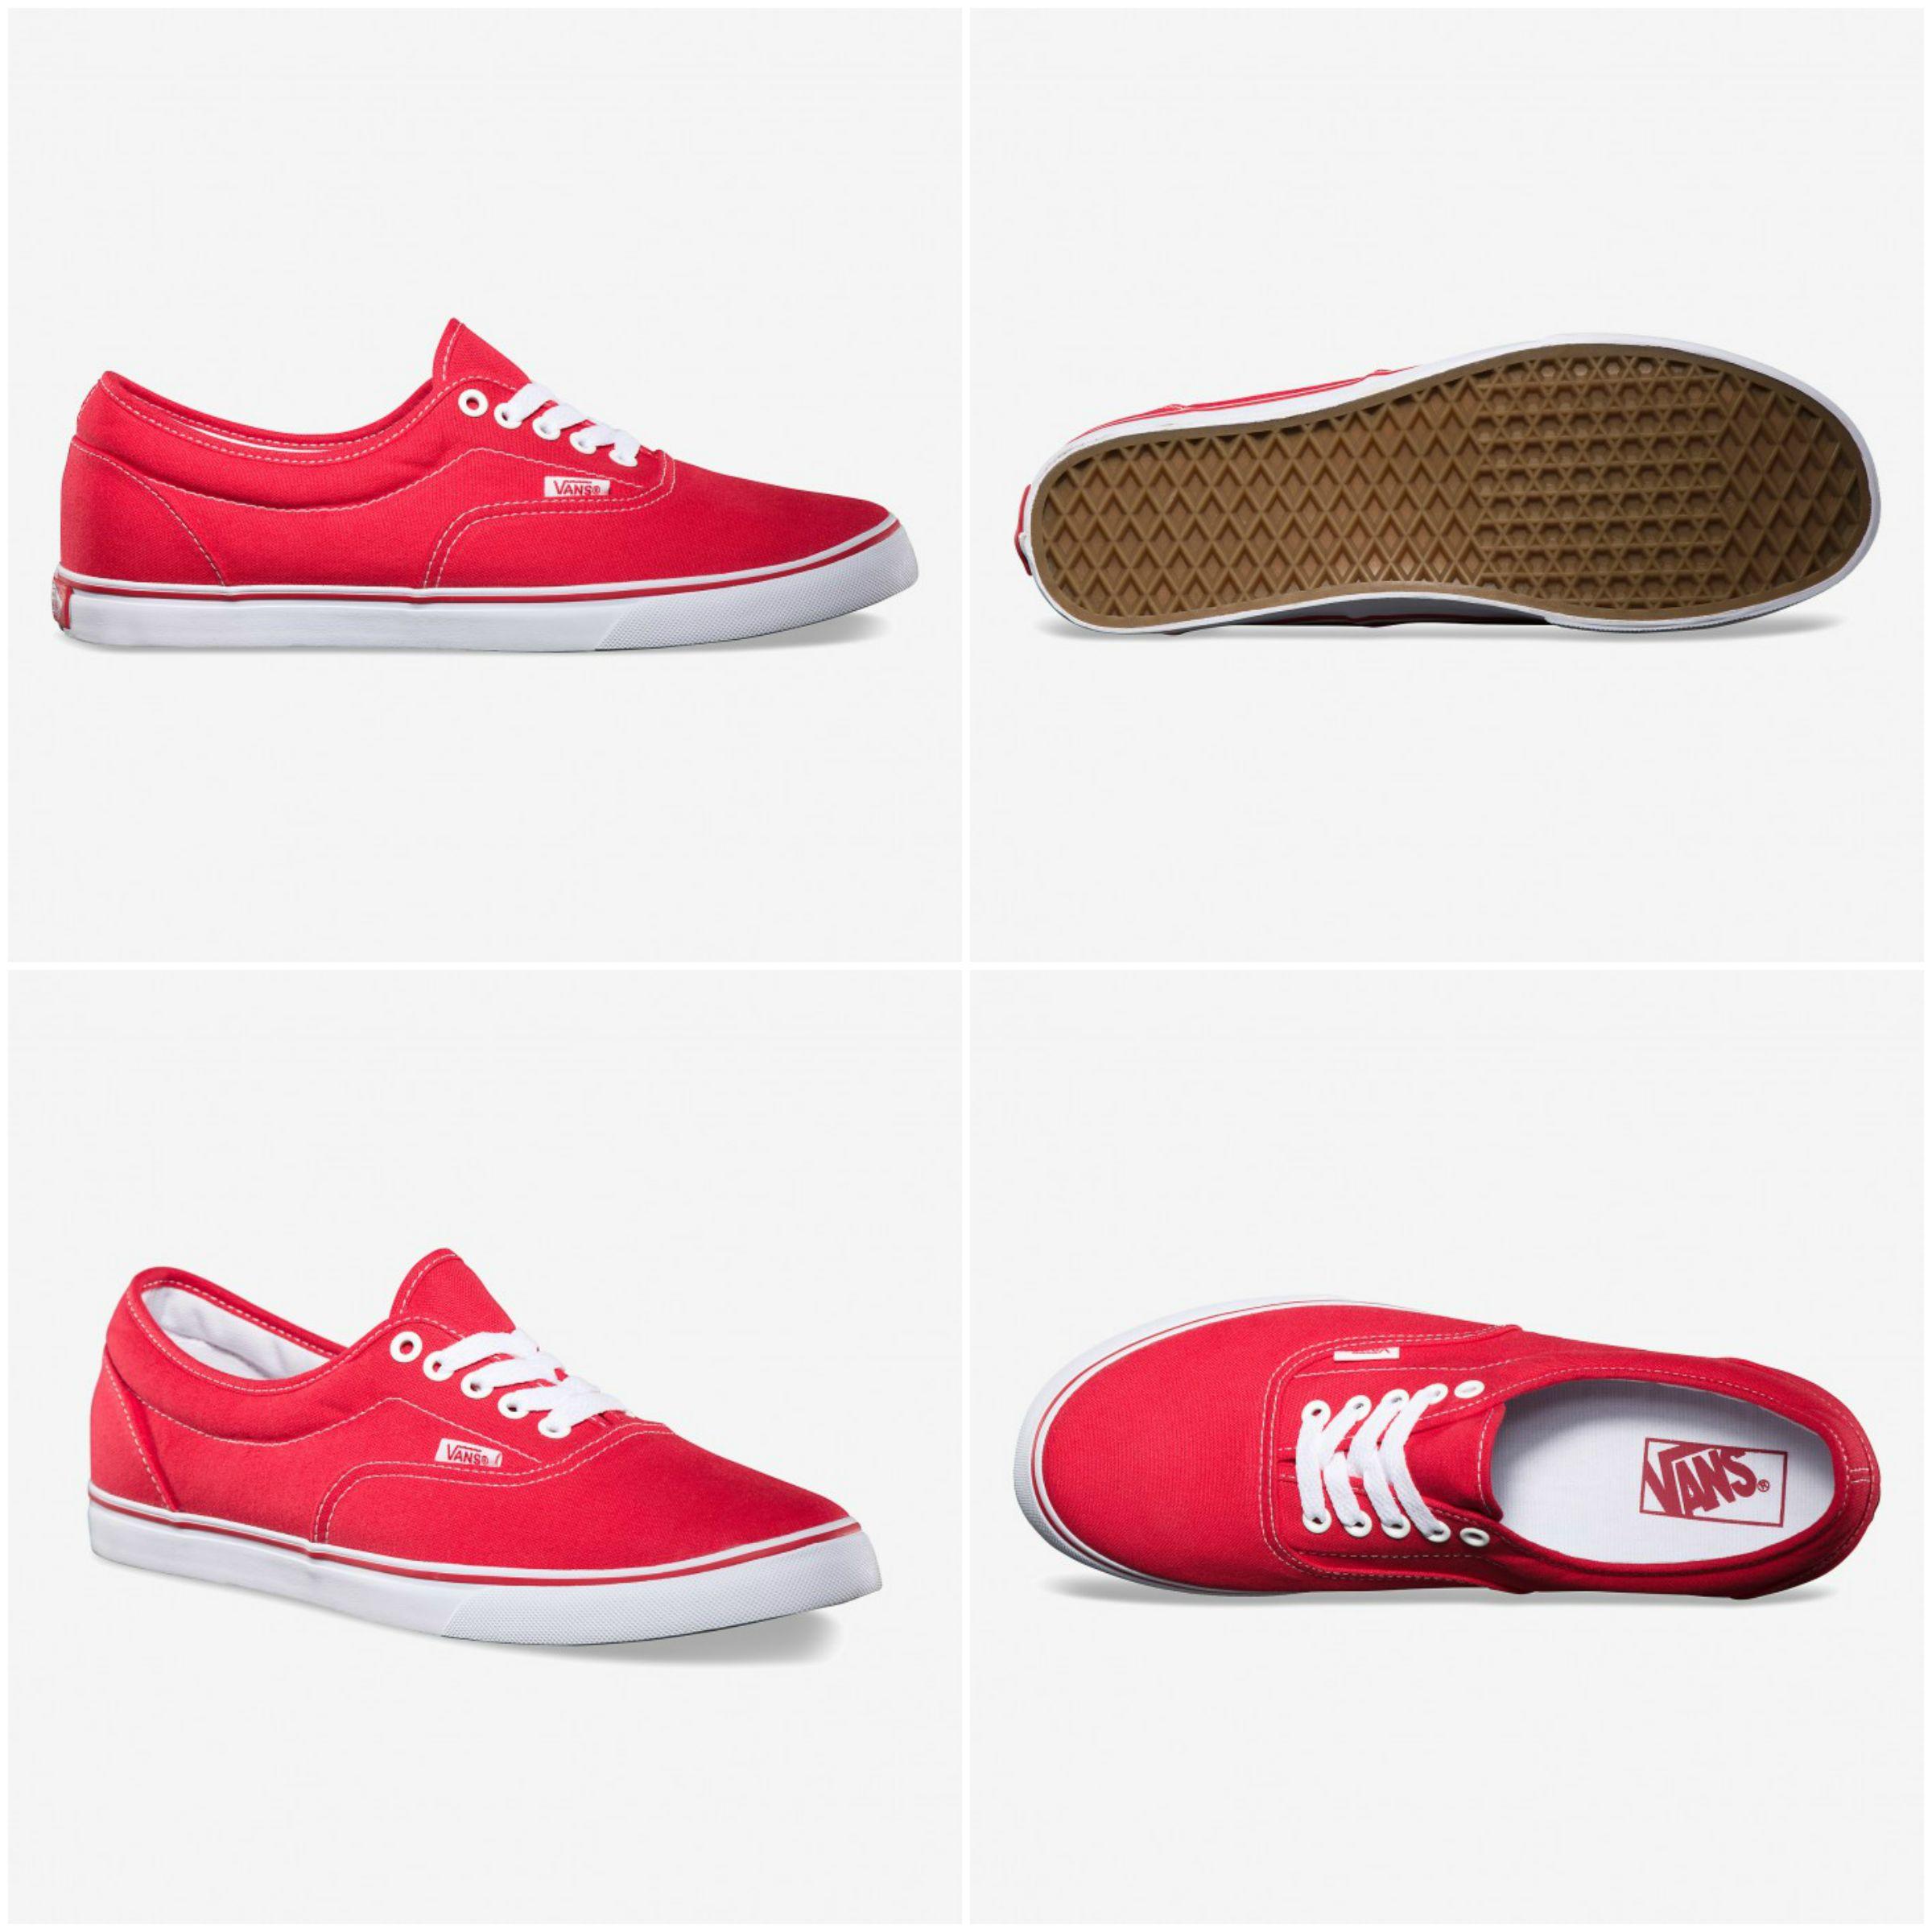 vans shoes red colour